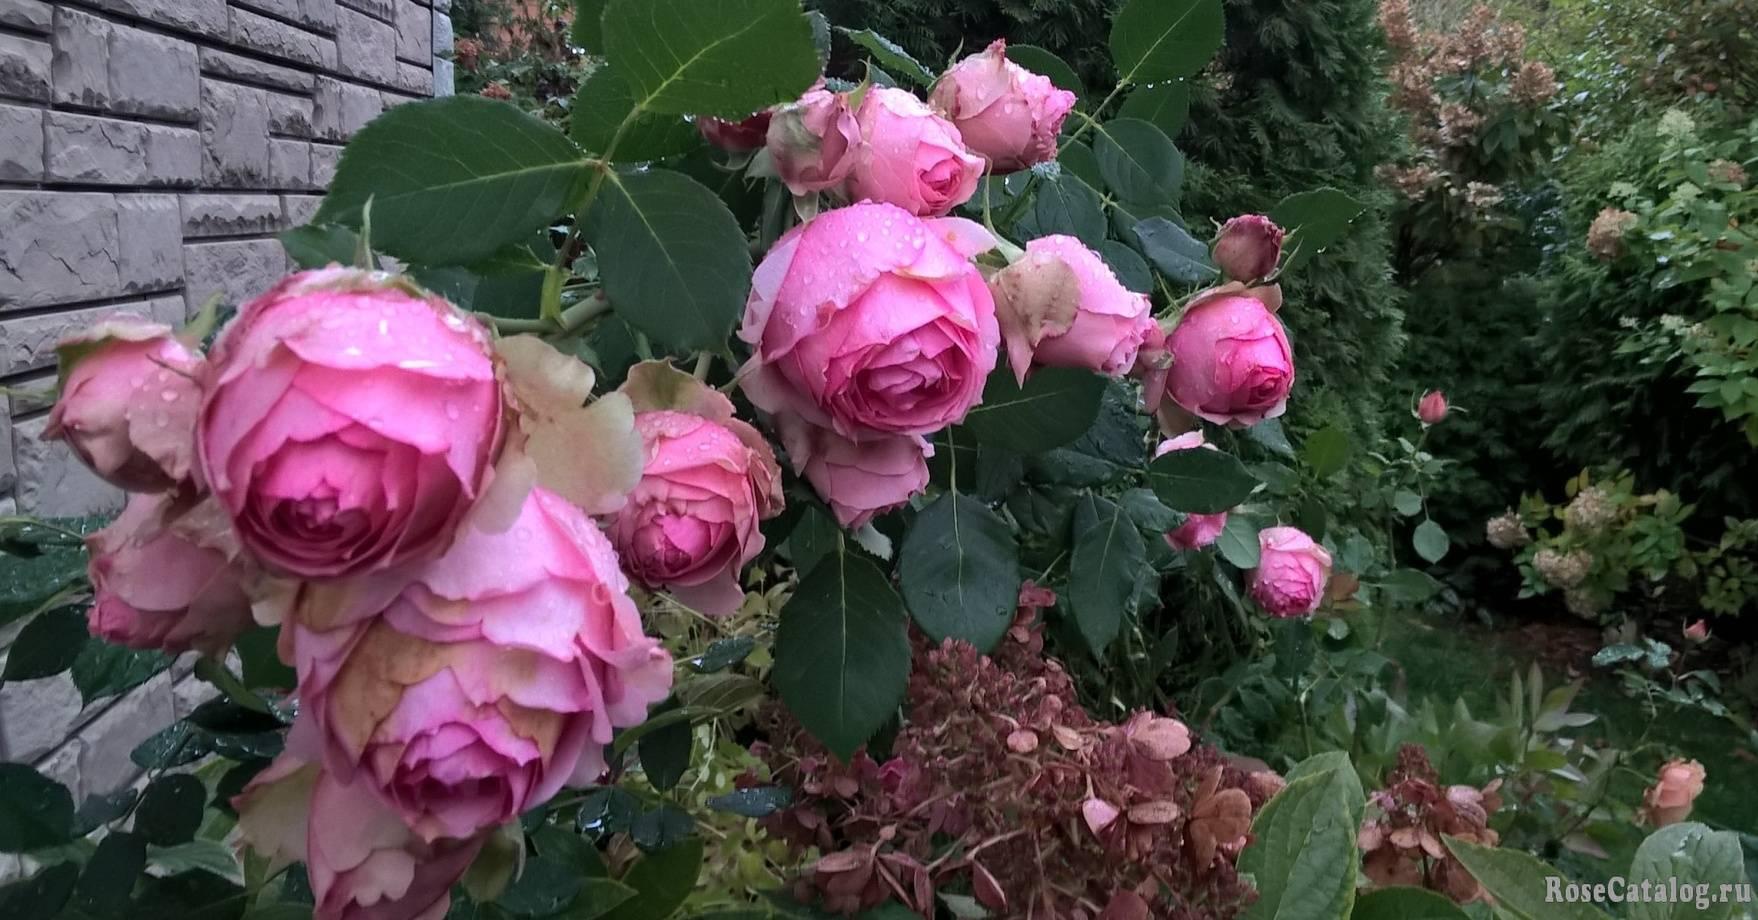 Роза ферст леди (first lady) — характеристики и описание сорта